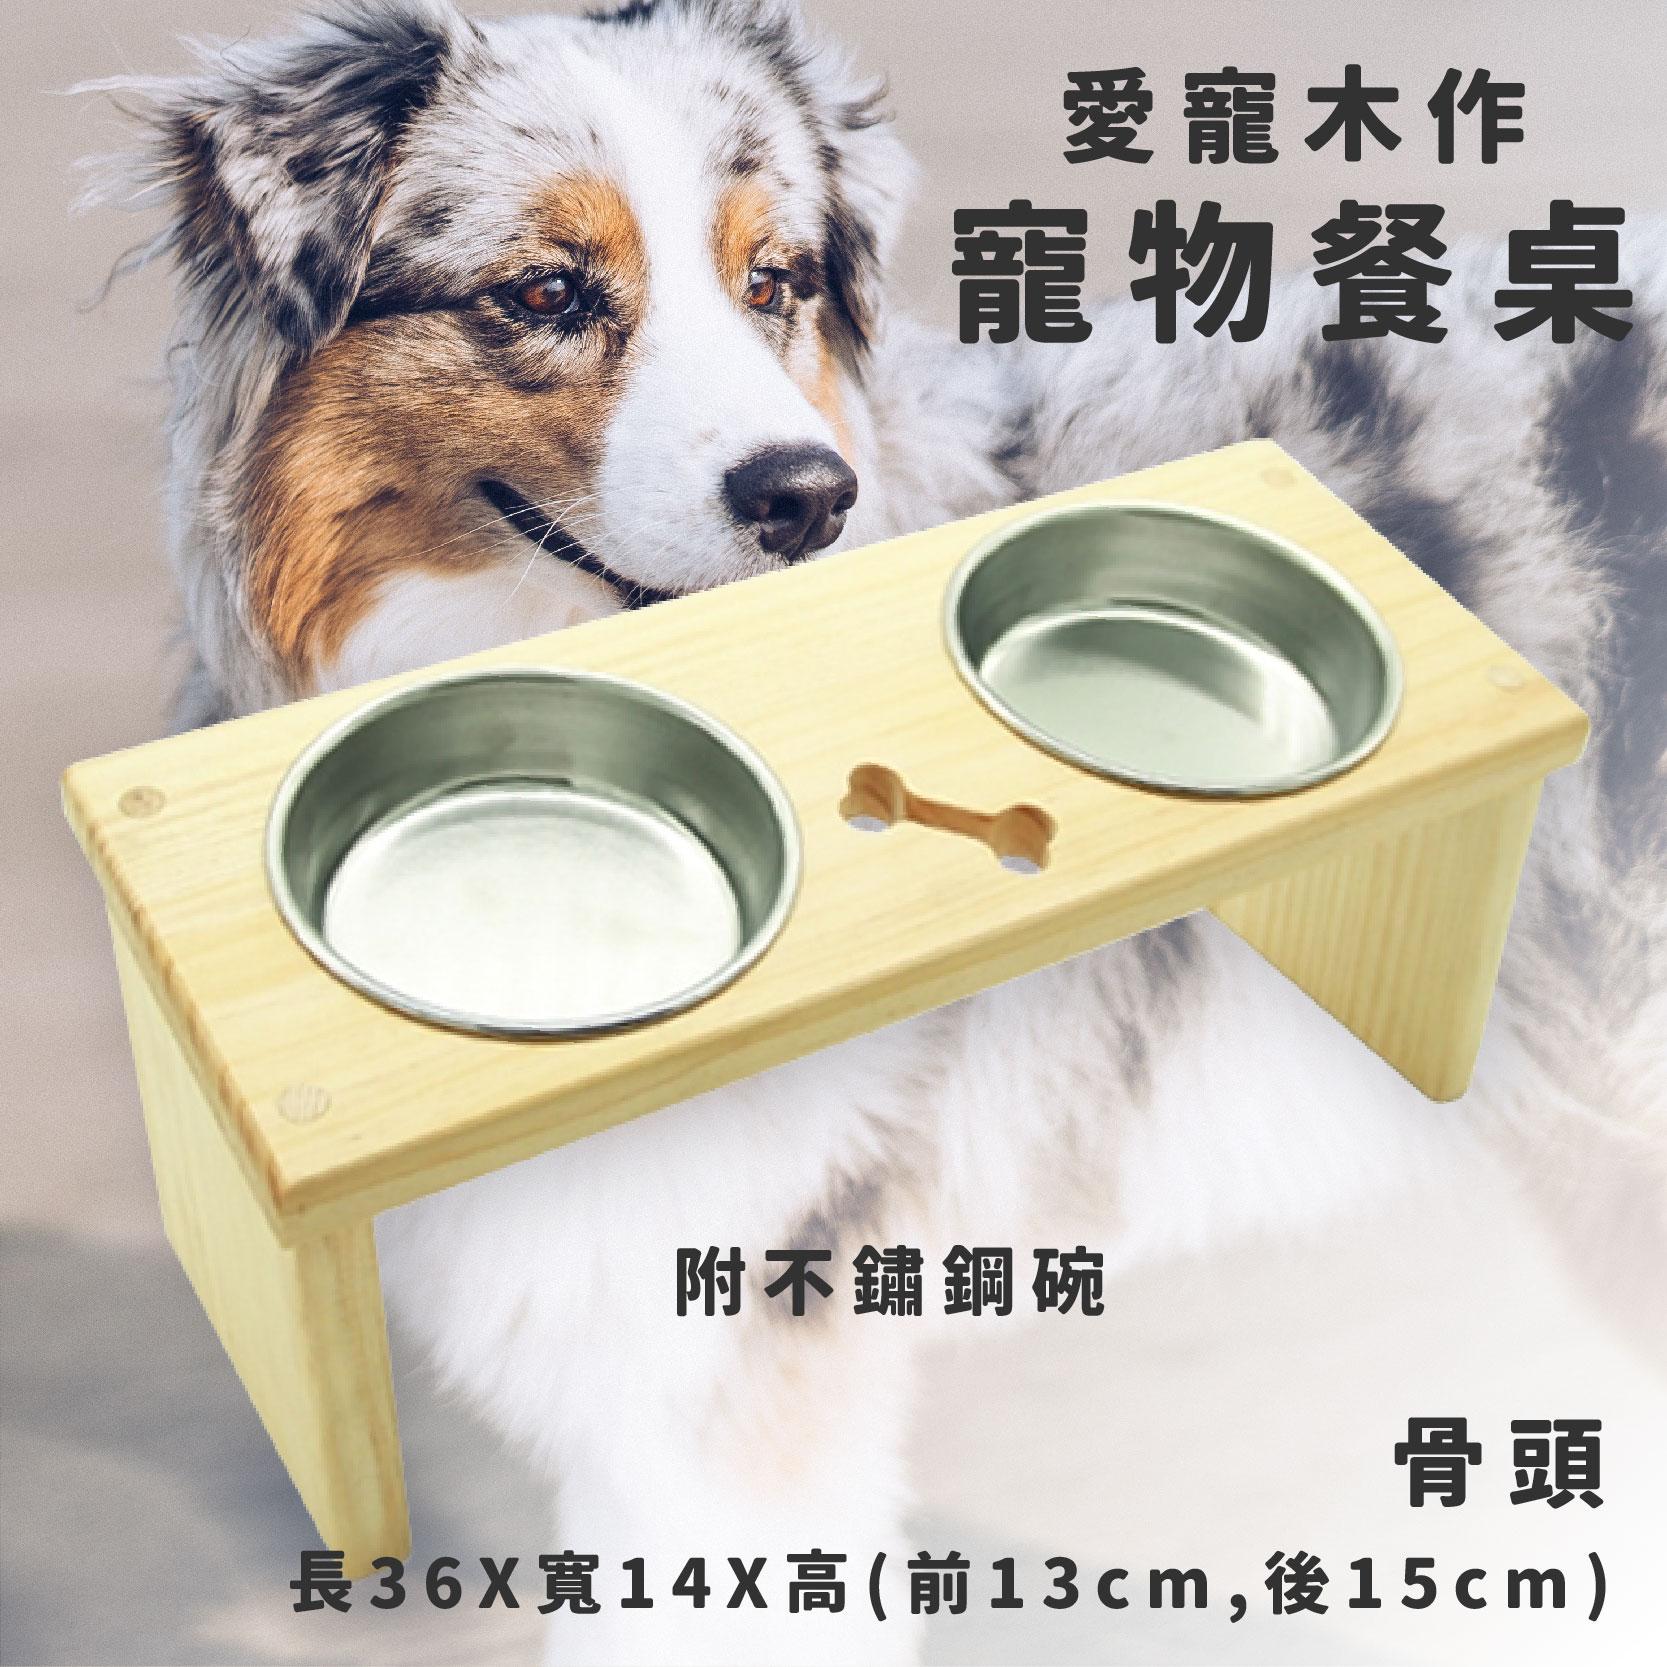 貓皇駕到 木作寵物餐桌 骨頭造型 附不鏽鋼碗 紐西蘭松木 符合貓體工學 寵物餐桌 狗用品 貓用品 寵物用品